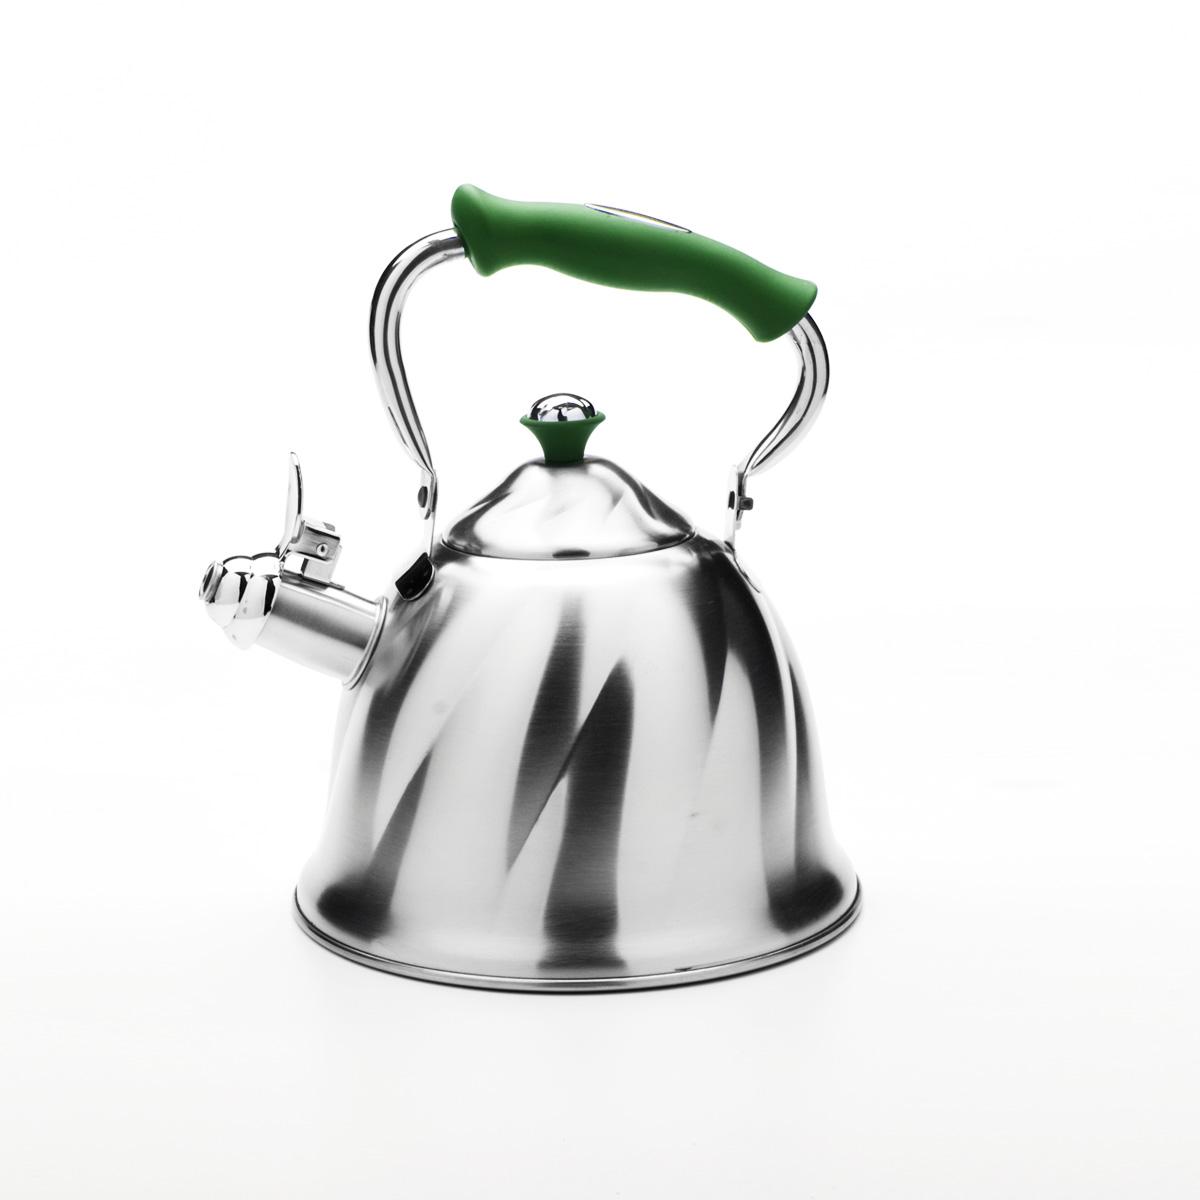 Чайник Mayer & Boch со свистком, цвет: зеленый, 3 л. 23775 чайник mayer & boch цвет стальной бирюзовый золотой 4 л 1046a